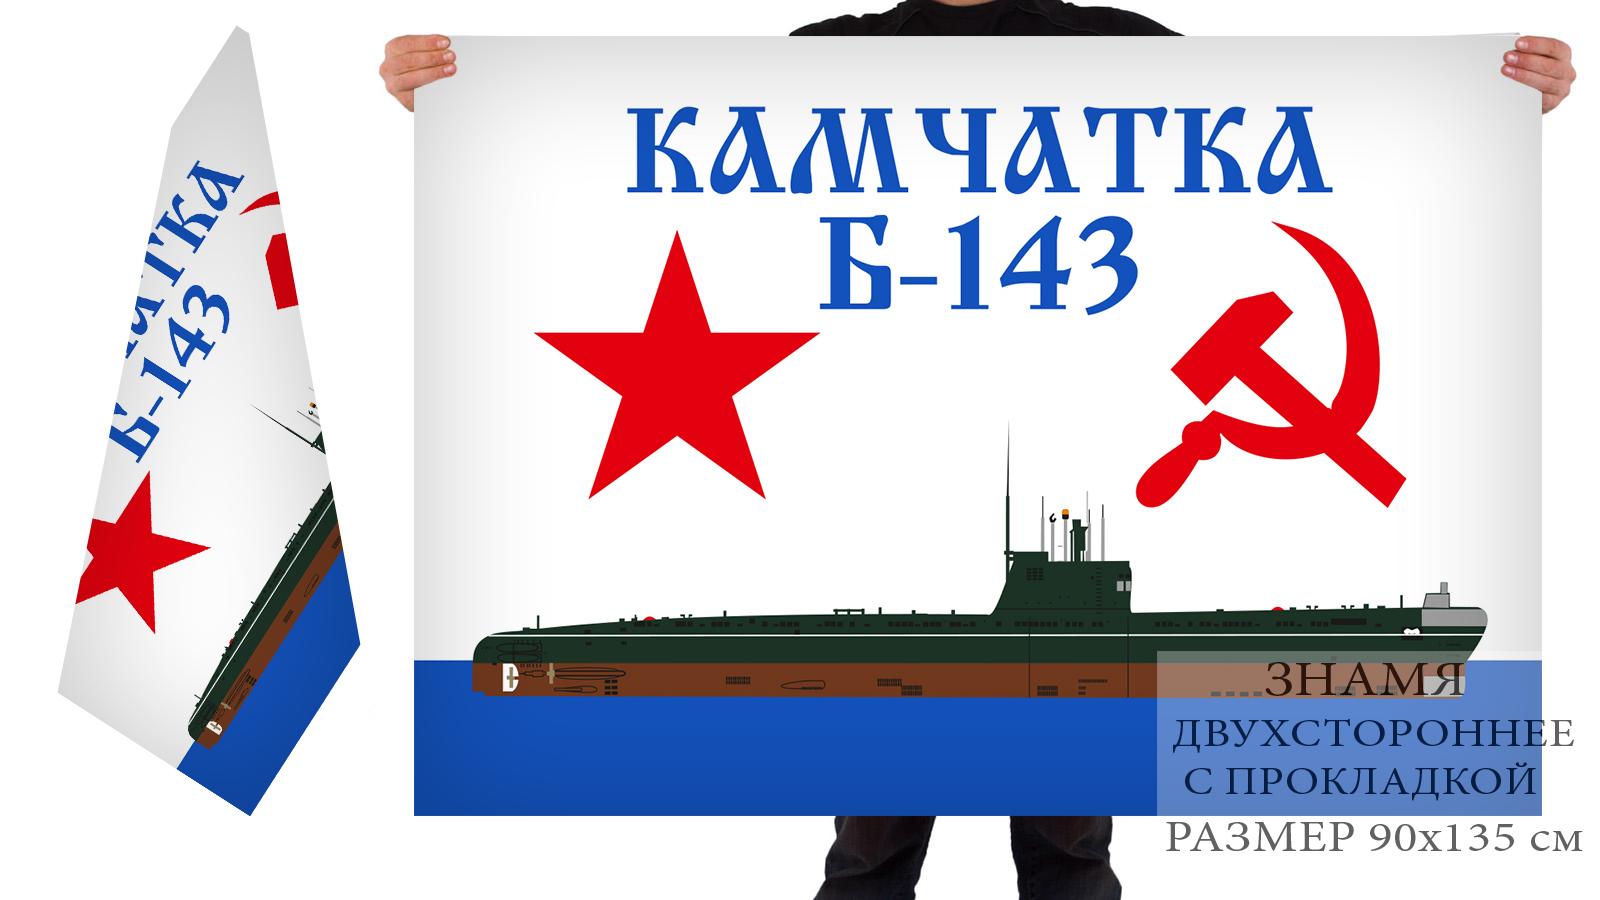 """Двусторонний флаг подлодки Б-143 """"Камчатка"""""""